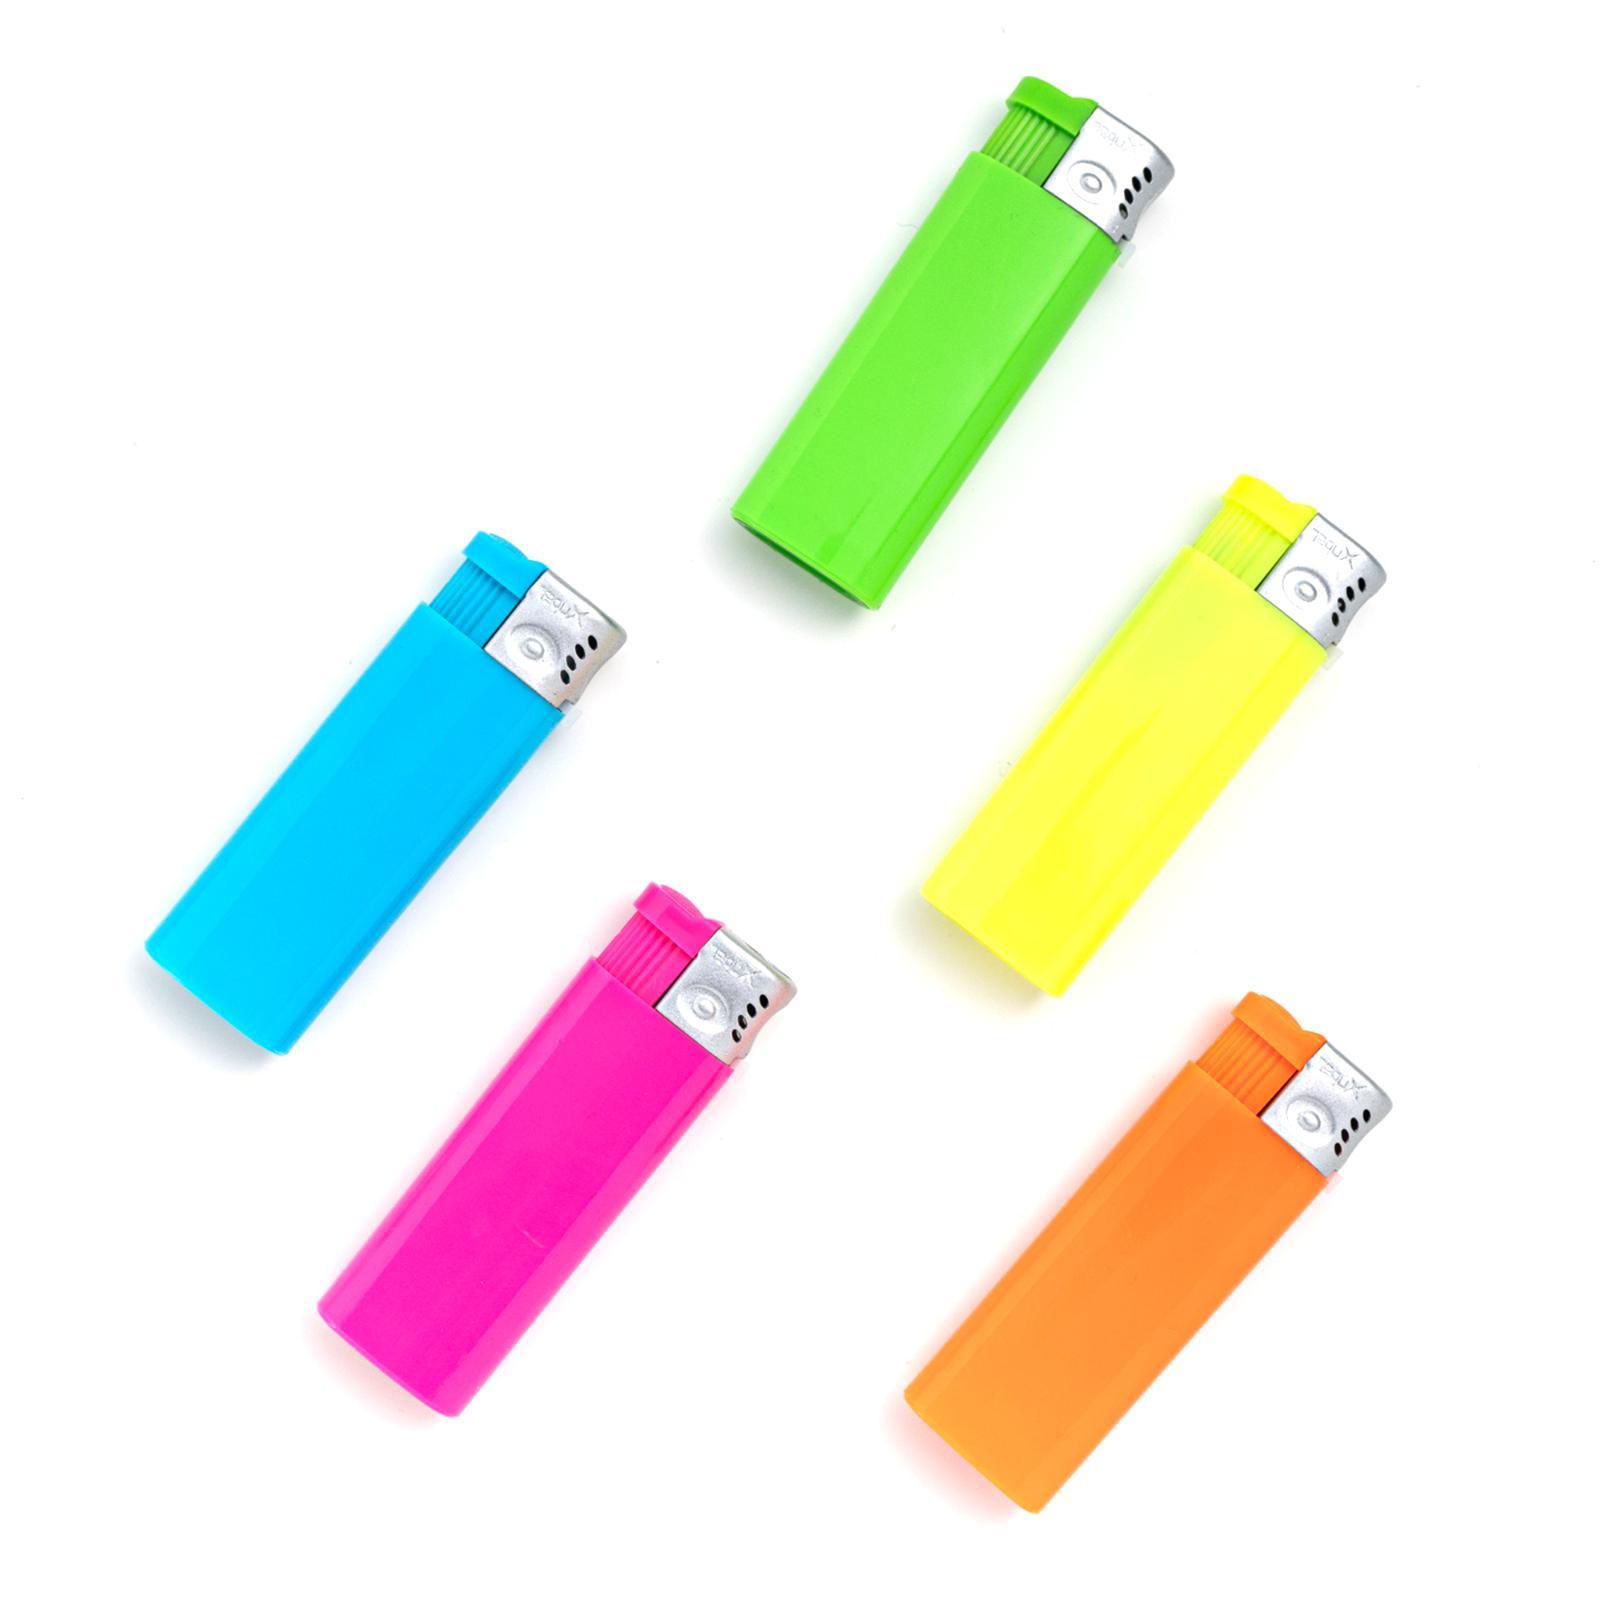 5 packs xuper neon jet butane pocket